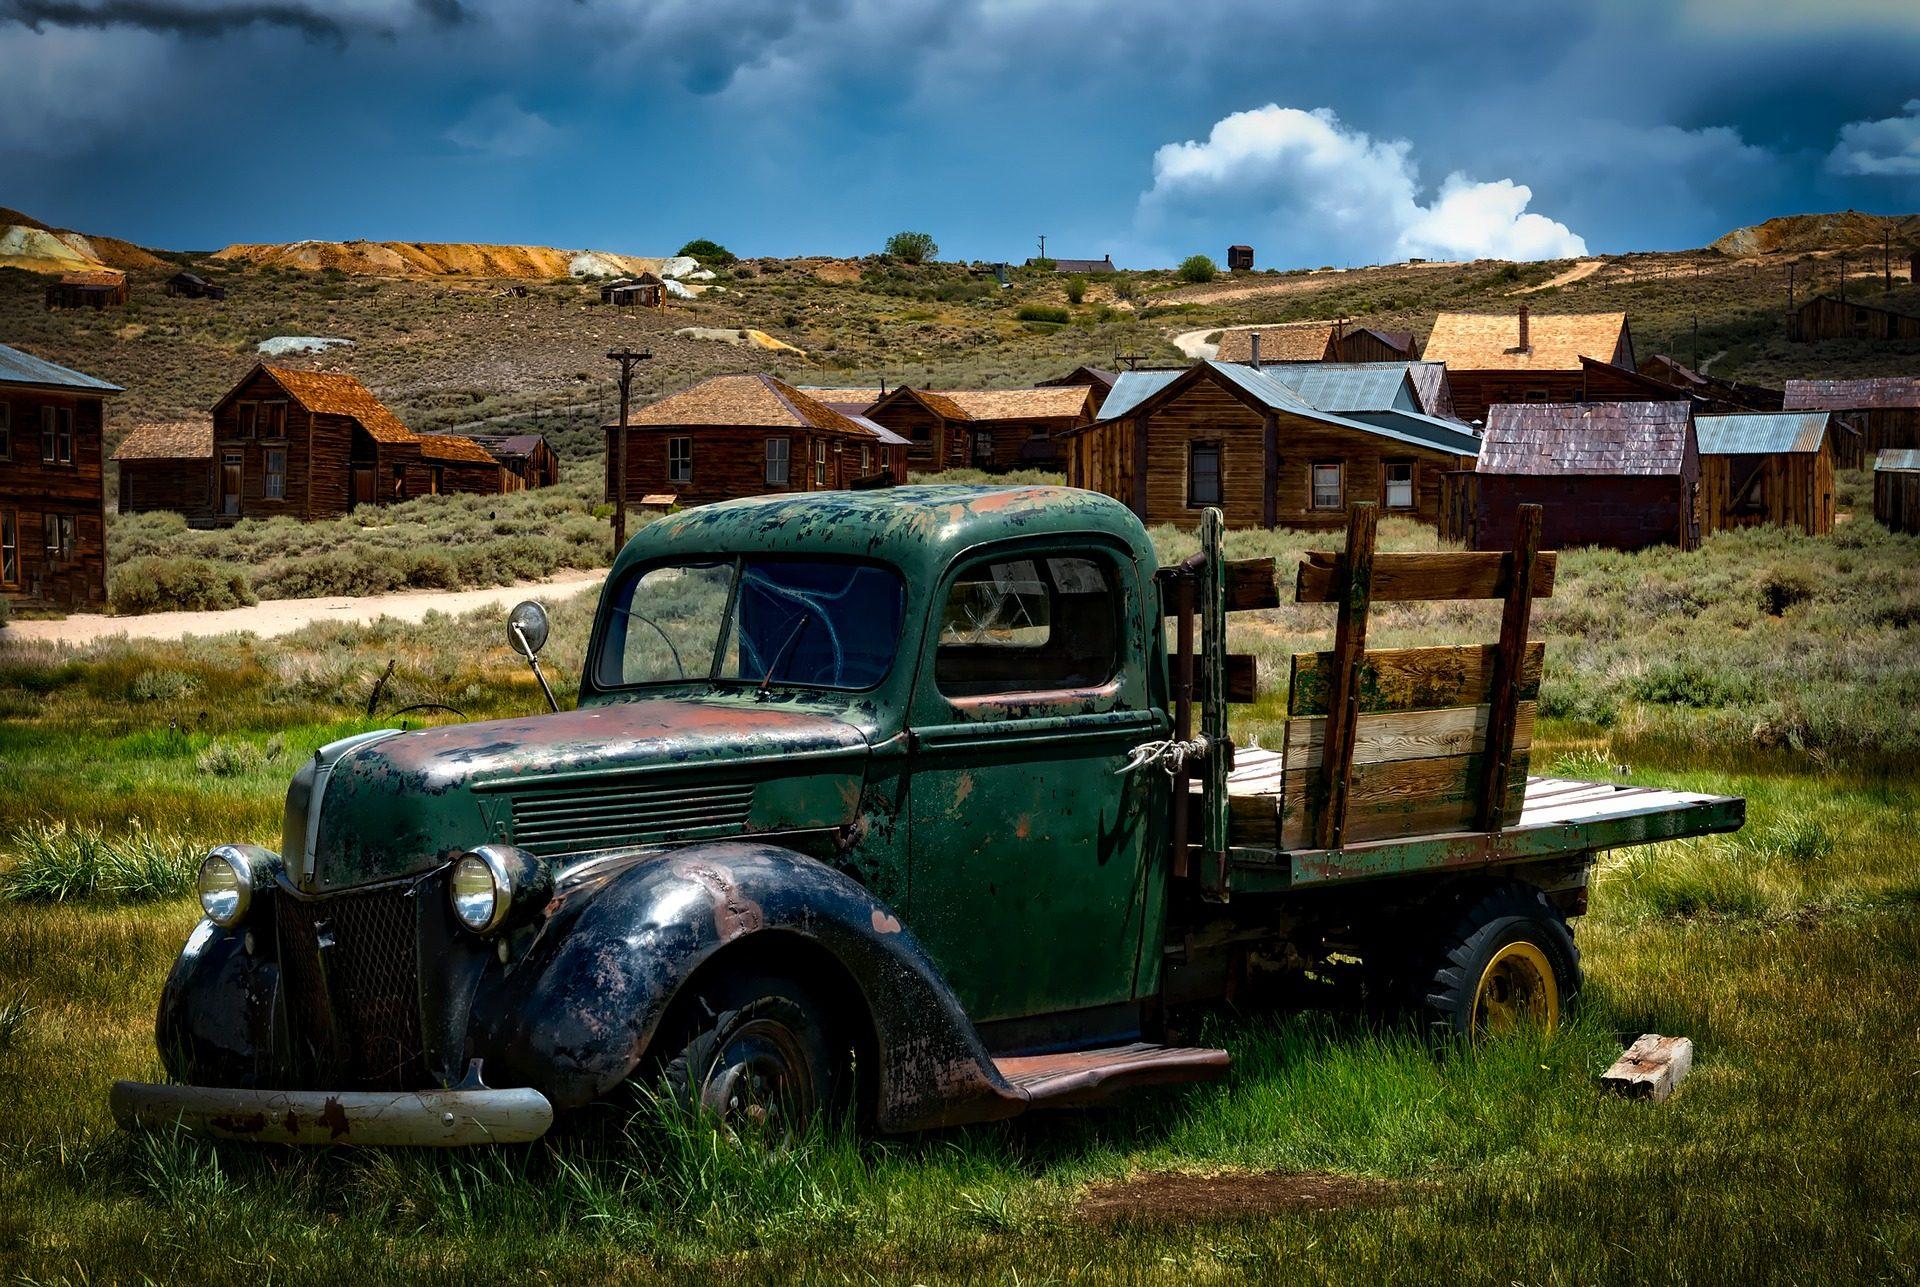 汽车, 卡车, 被遗弃, 老, 村庄, 小屋 - 高清壁纸 - 教授-falken.com